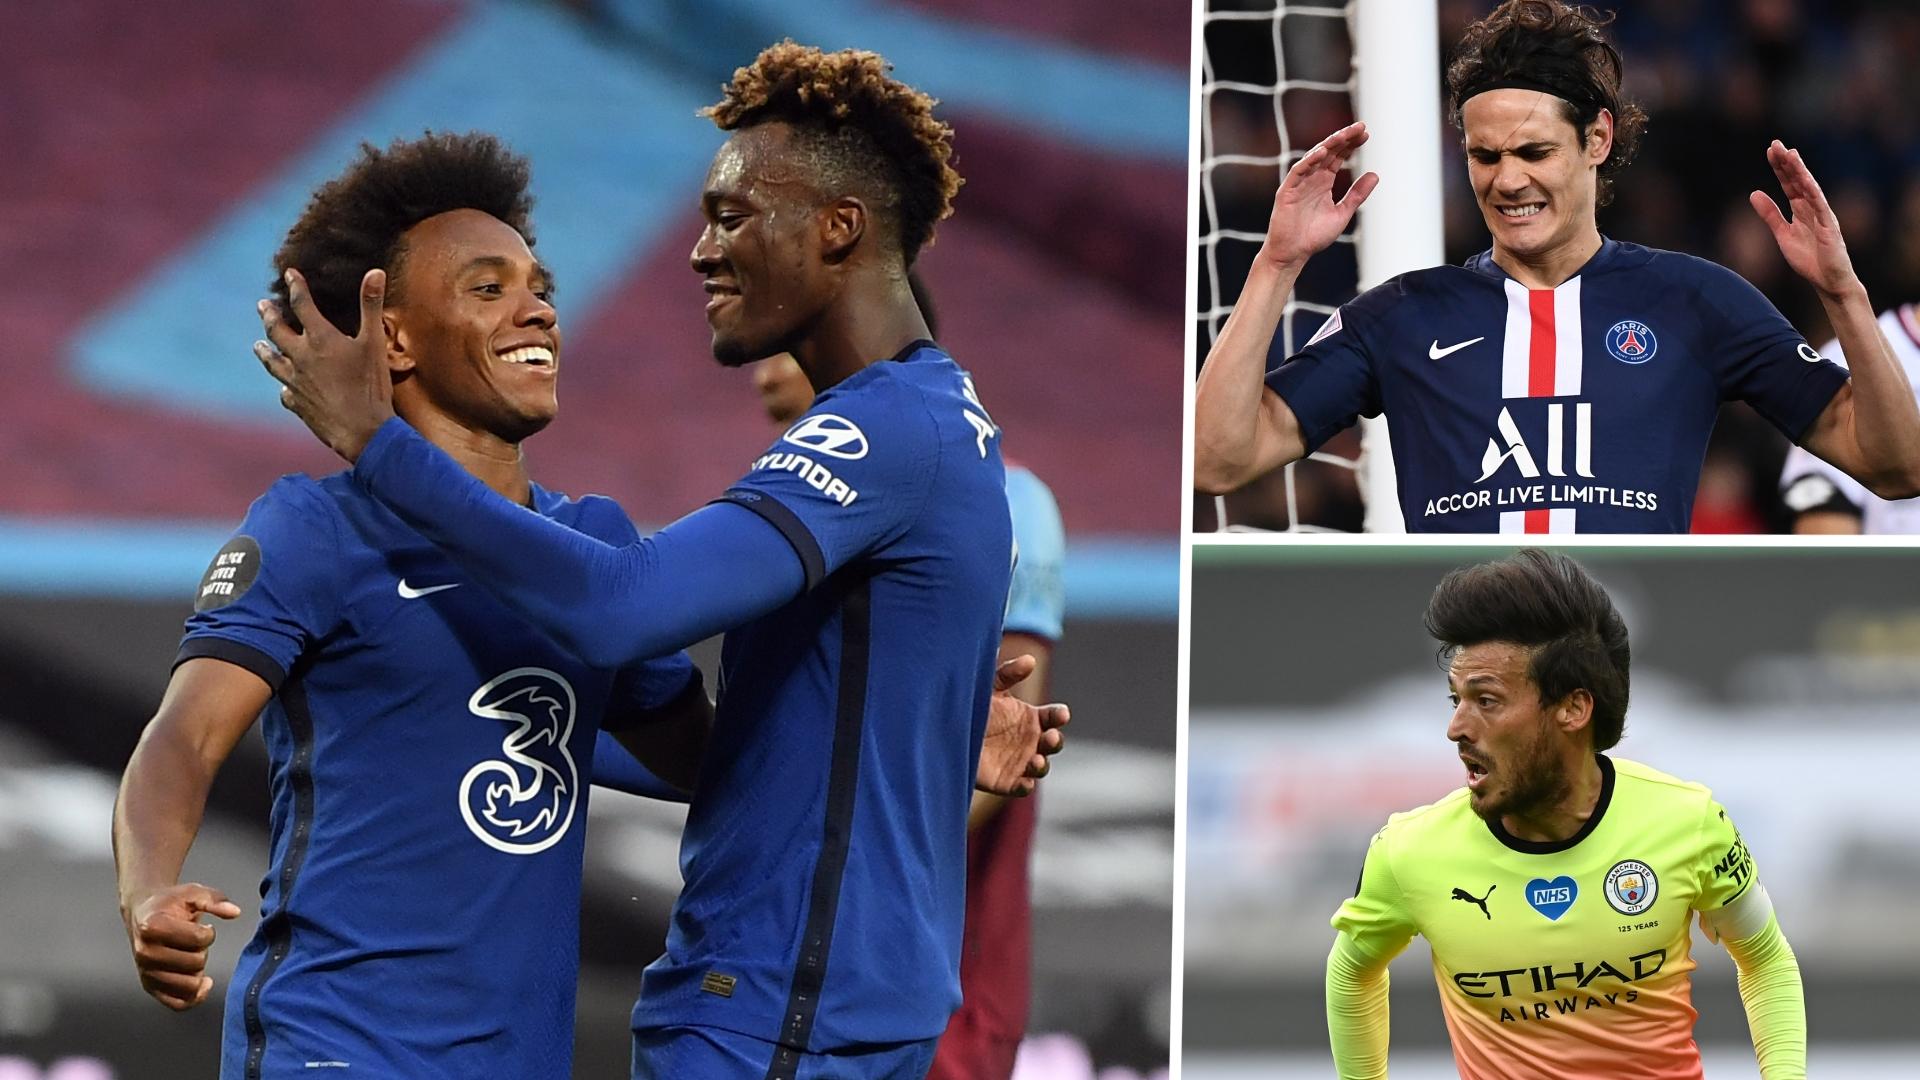 Chelsea need a Van Dijk type figure to improve, says Lampard